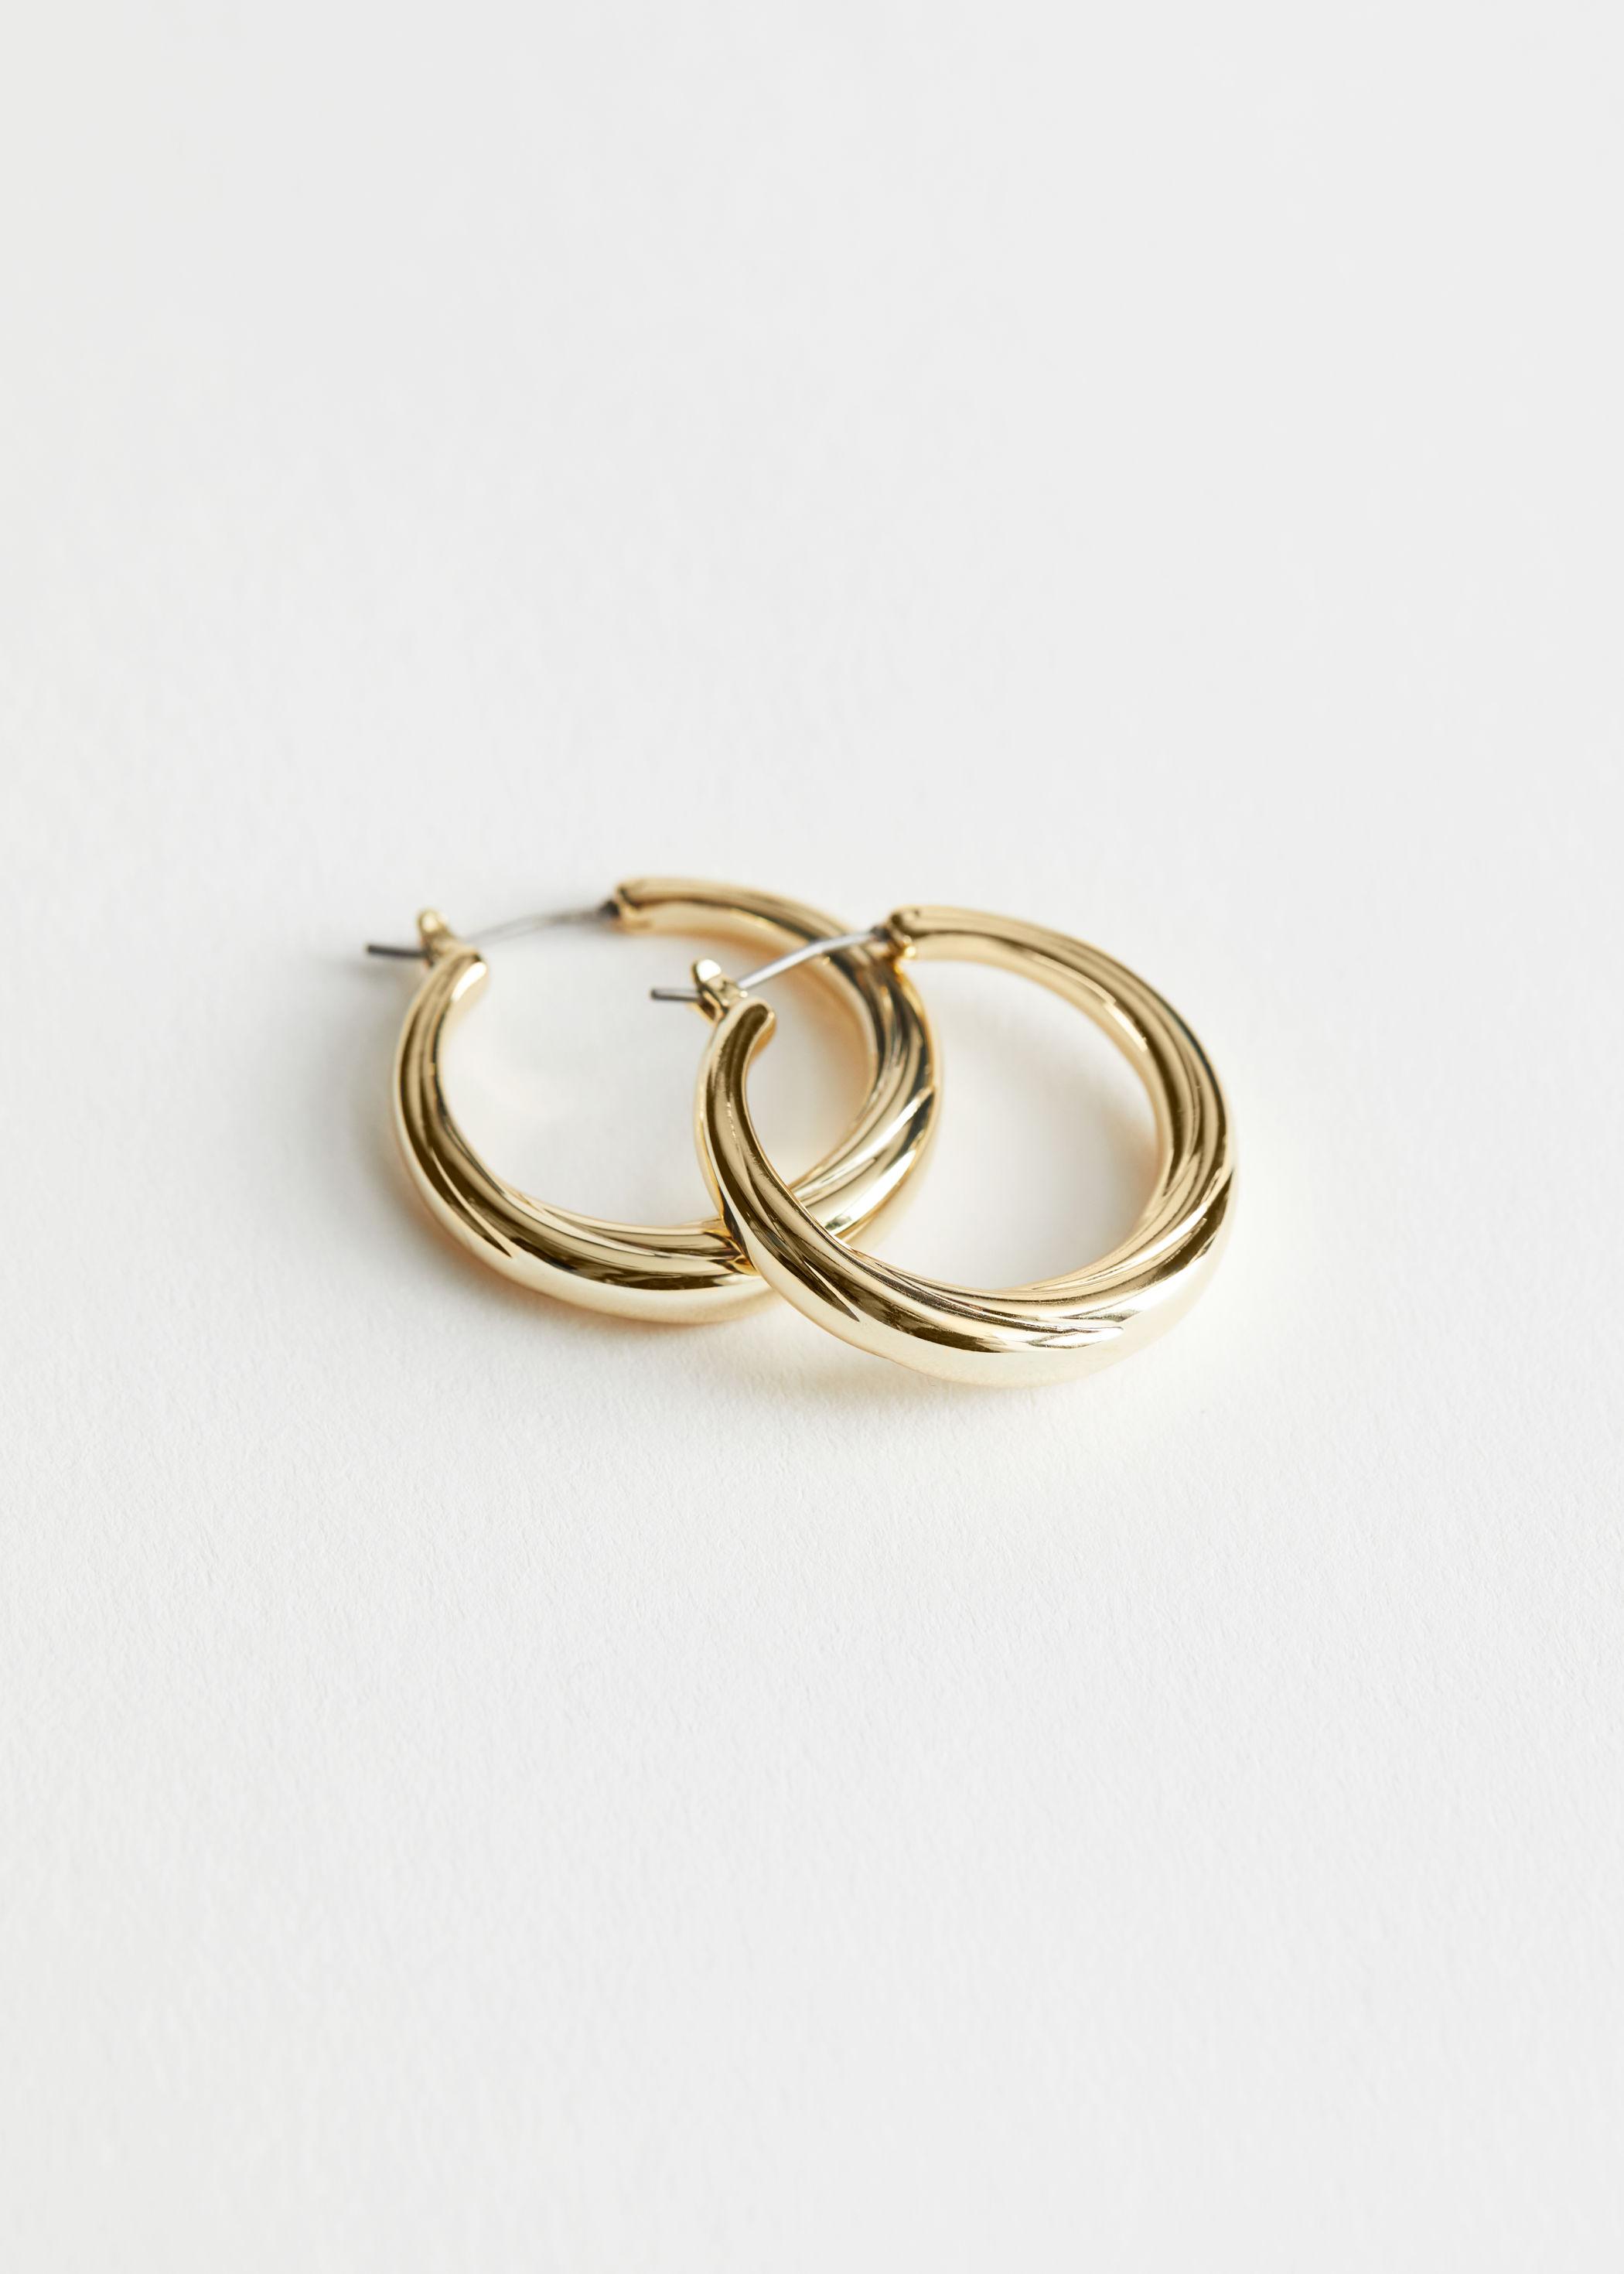 Curved Hoop Earrings, Rejina Pyo x & Other Stories